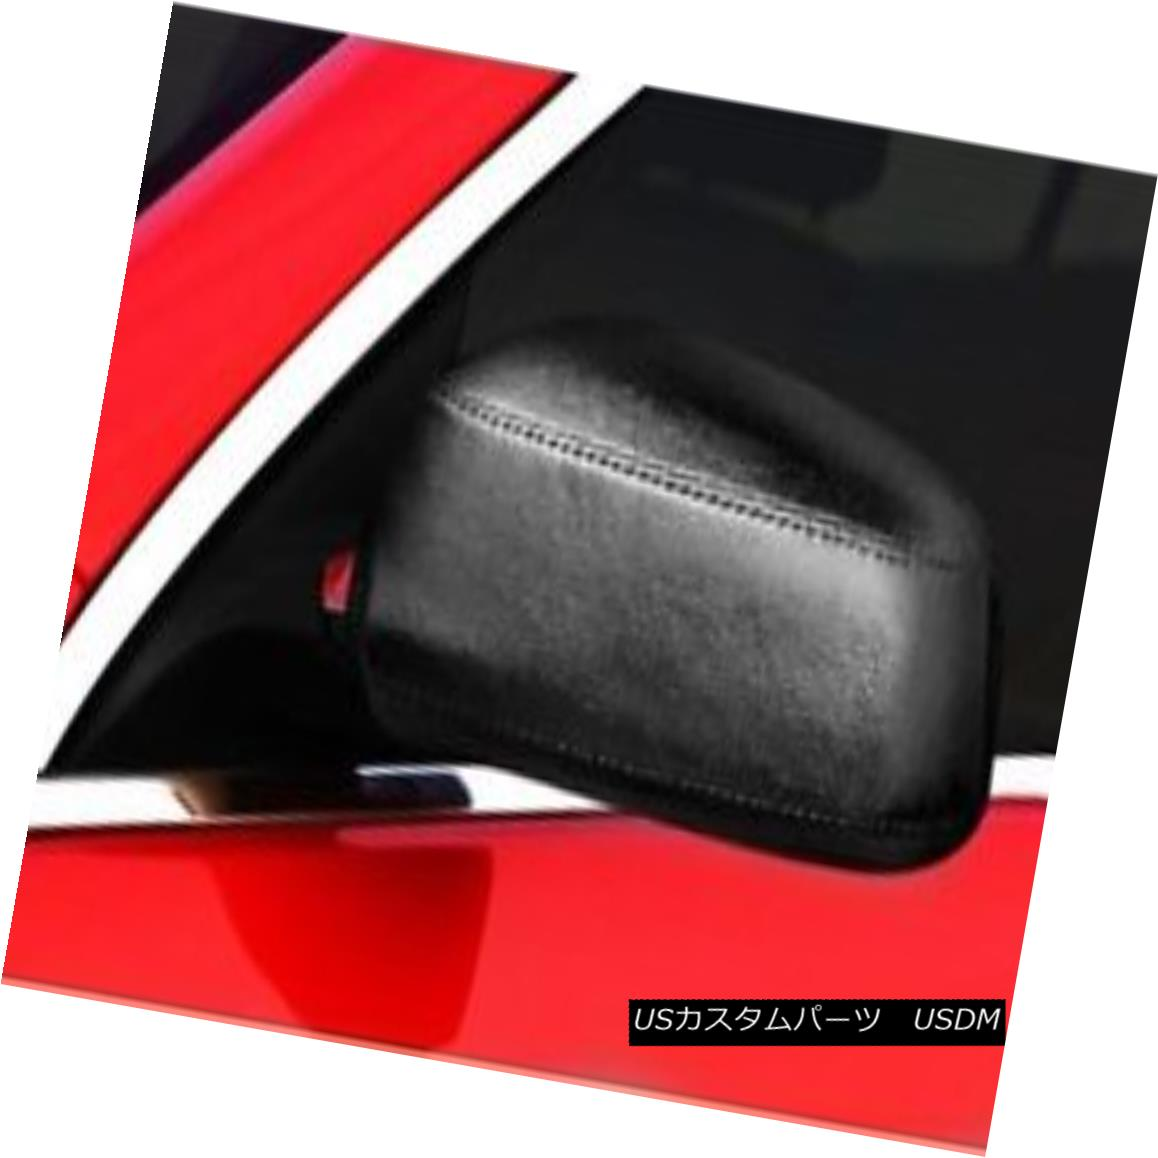 フルブラ ノーズブラ Colgan Car Mirror Covers Bra Protector Black Fits 2005-2007 Toyota Avalon コルガン車のミラーカバーは、2005年?2007年のトヨタアバロンにフィットするブラジャープロテクターブラックをカバーします